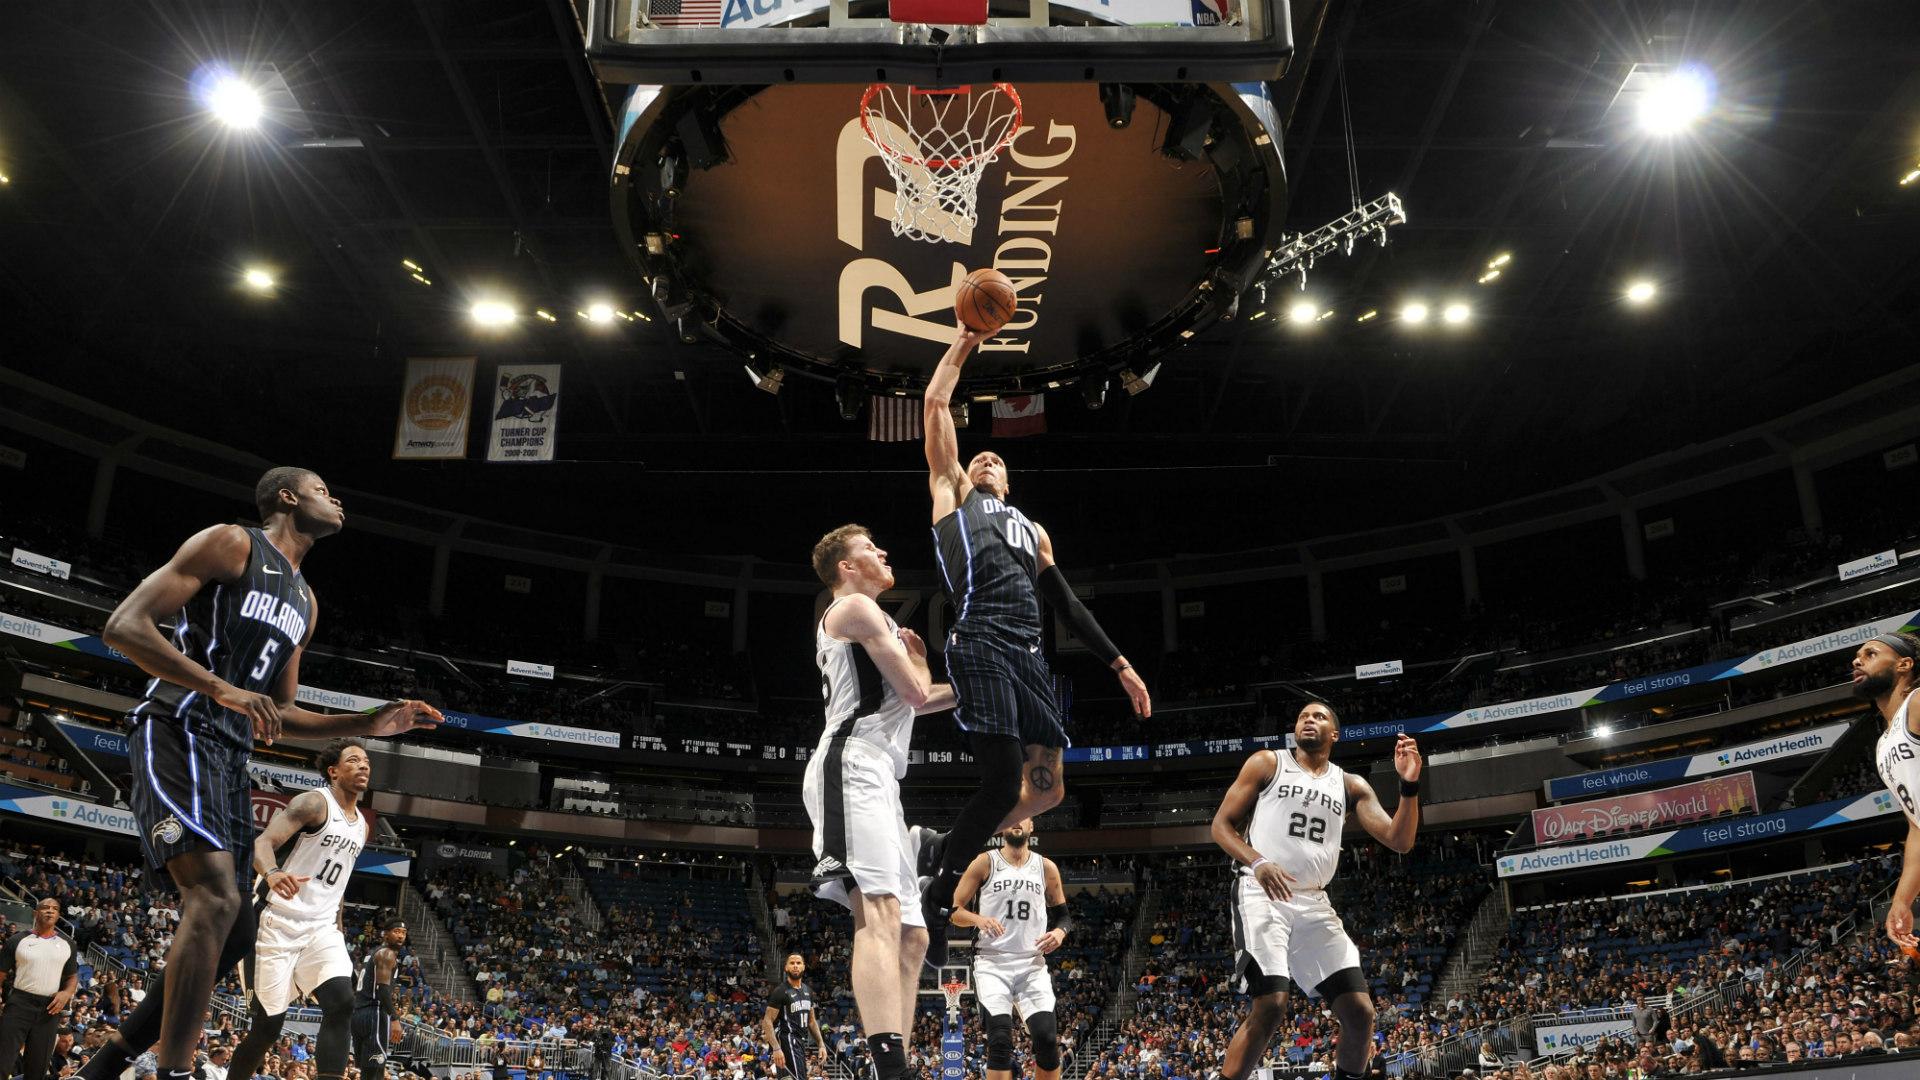 San Antonio Spurs vive su peor comienzo desde 1996-1997: cayó ante Orlando Magic - NBA AR